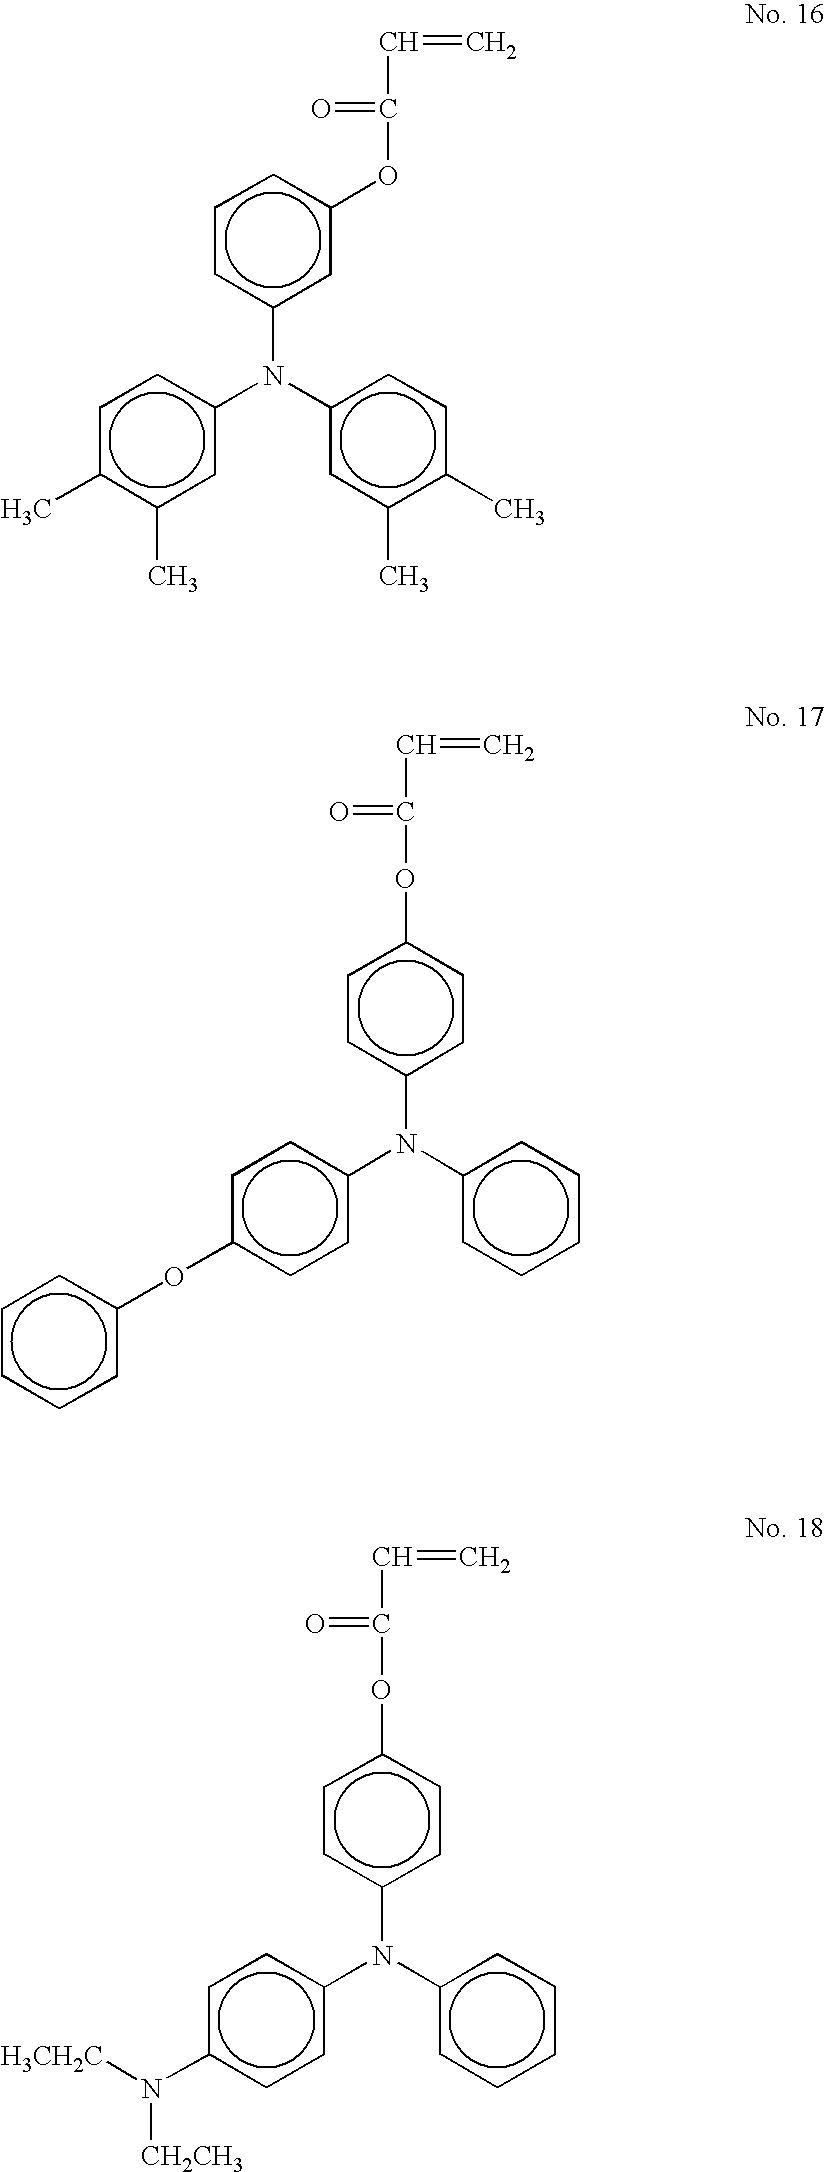 Figure US07175957-20070213-C00017